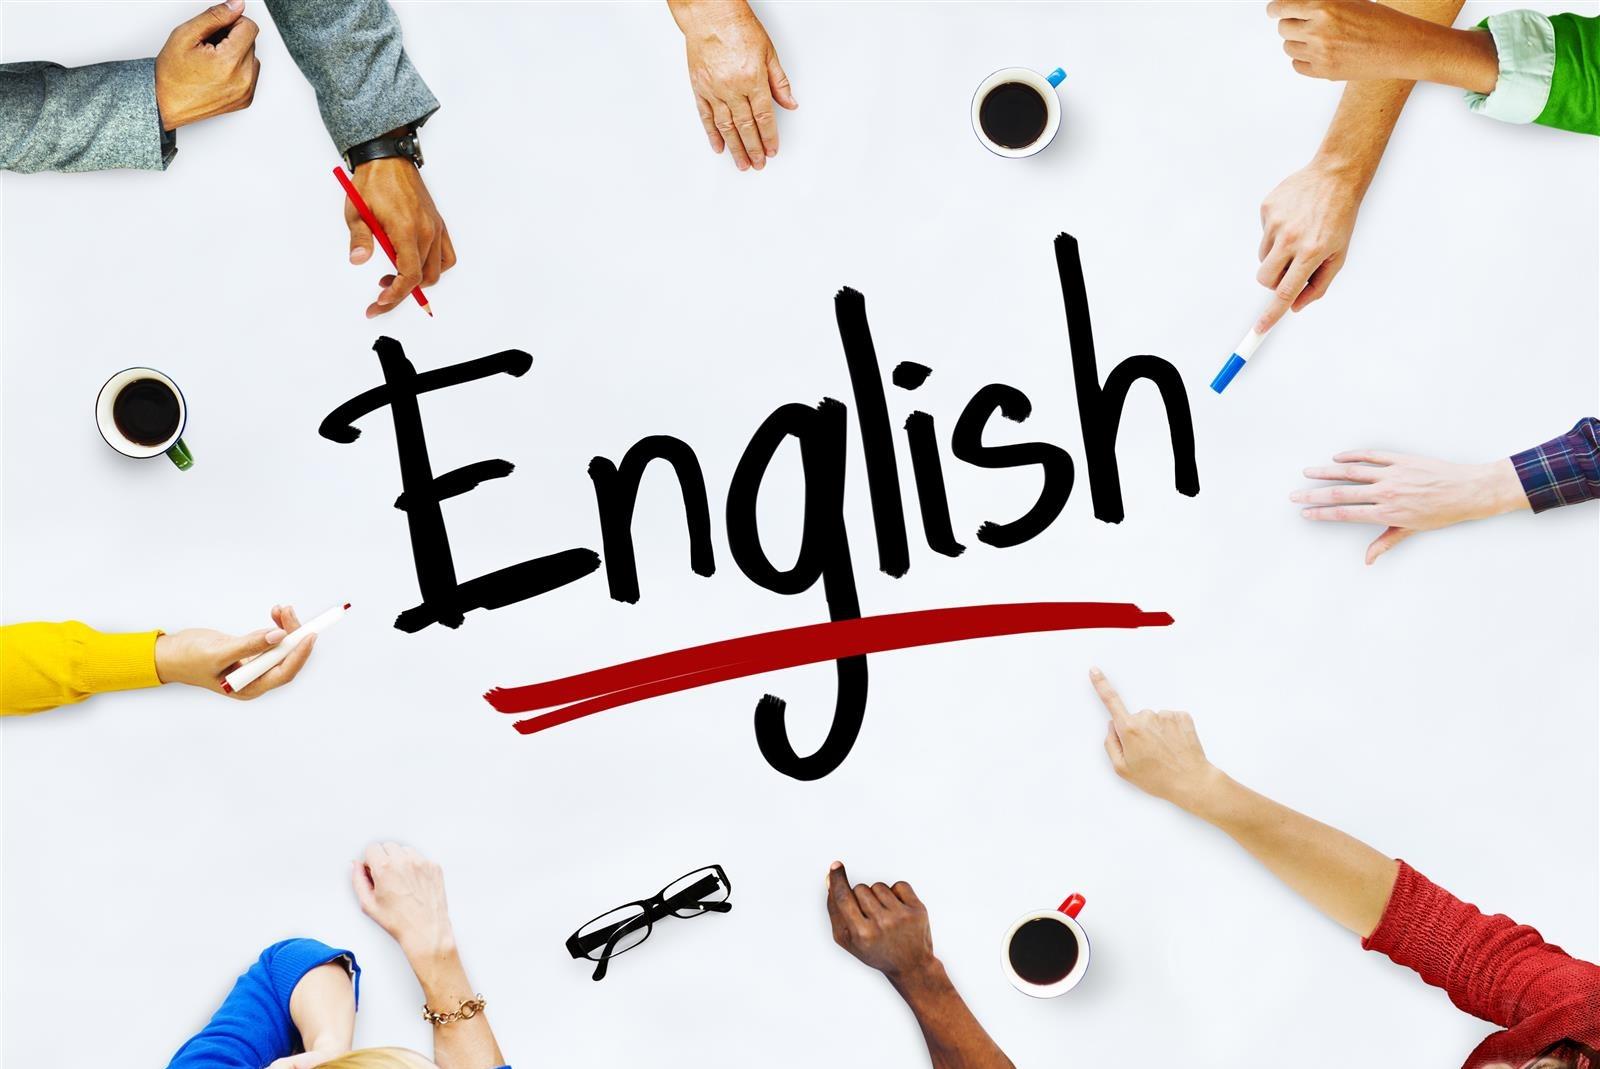 تعلّم اللغة الإنجليزية في 7 أيام.. حقيقة ولا اشتغالة؟